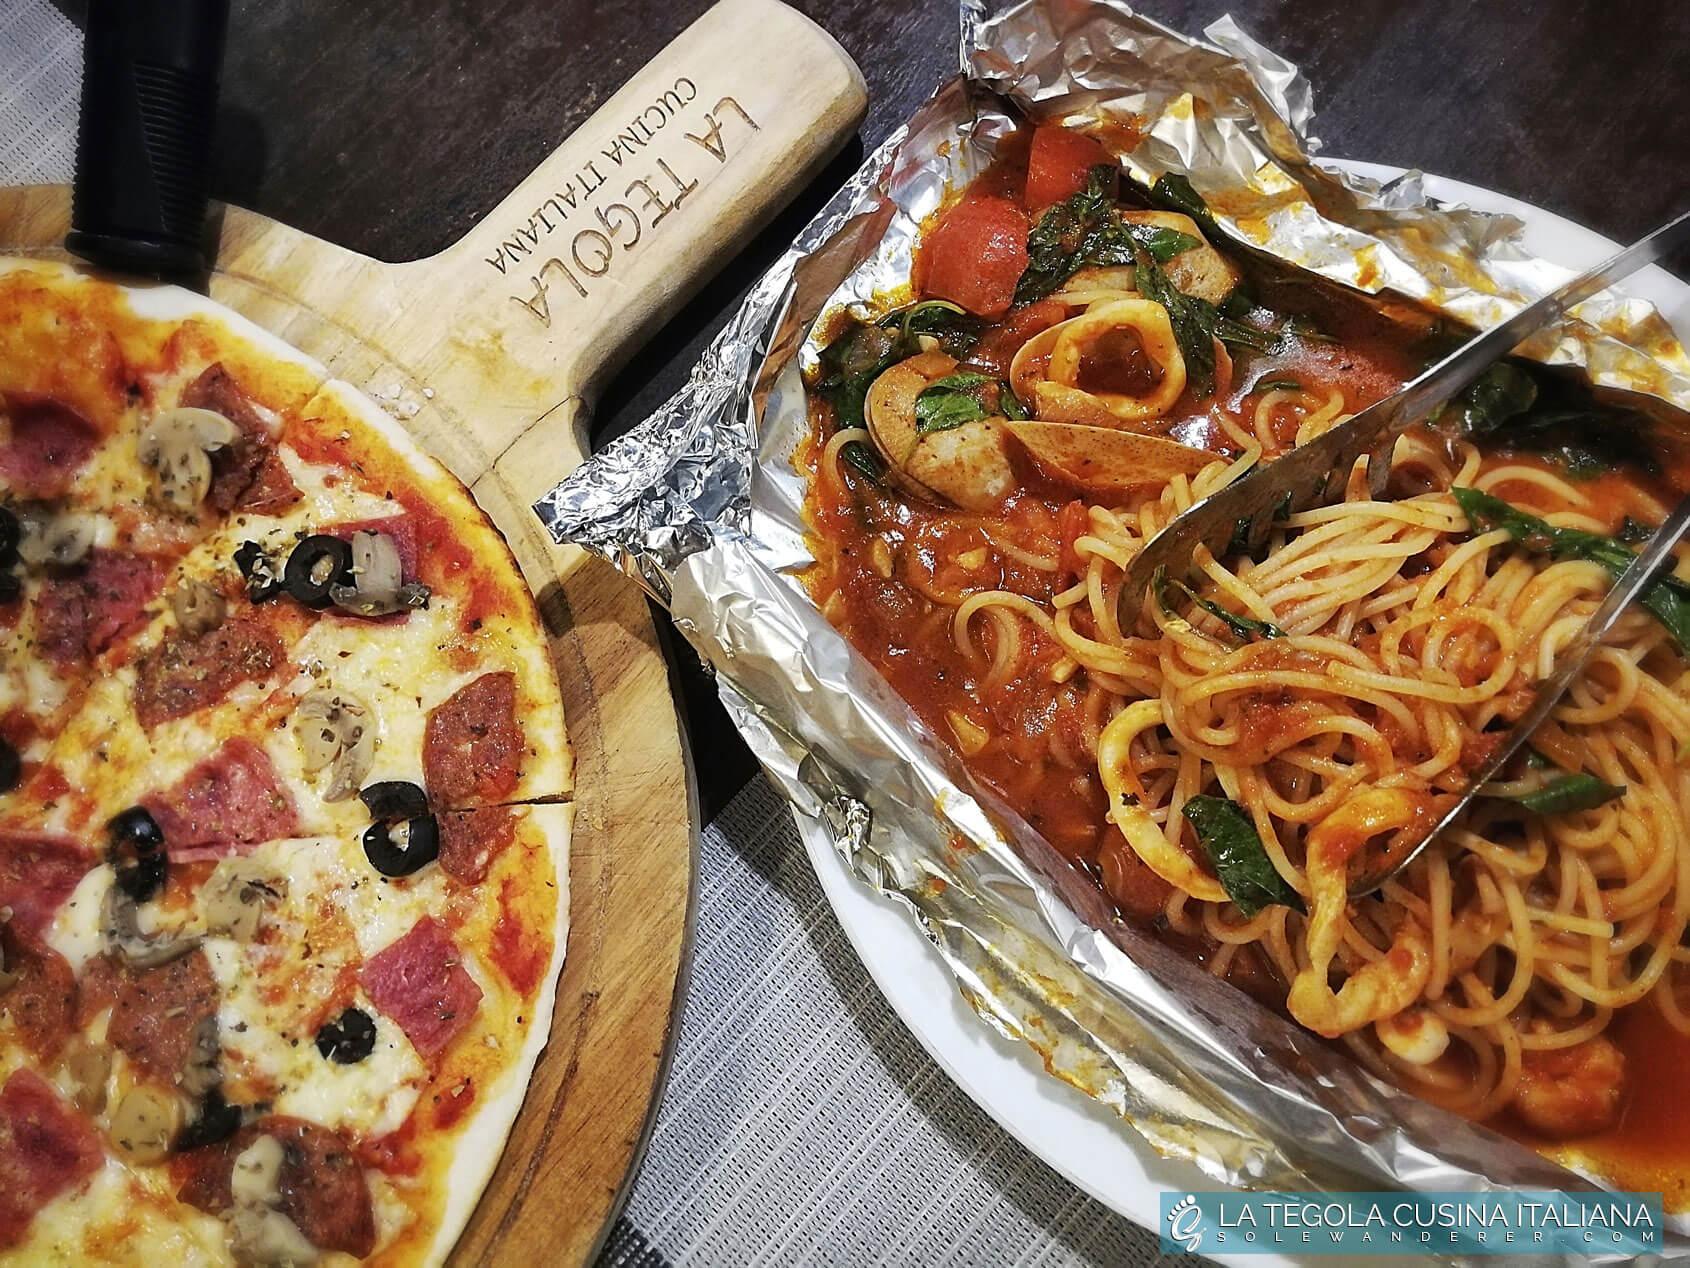 La Tegola Cucina Italiana Dishes